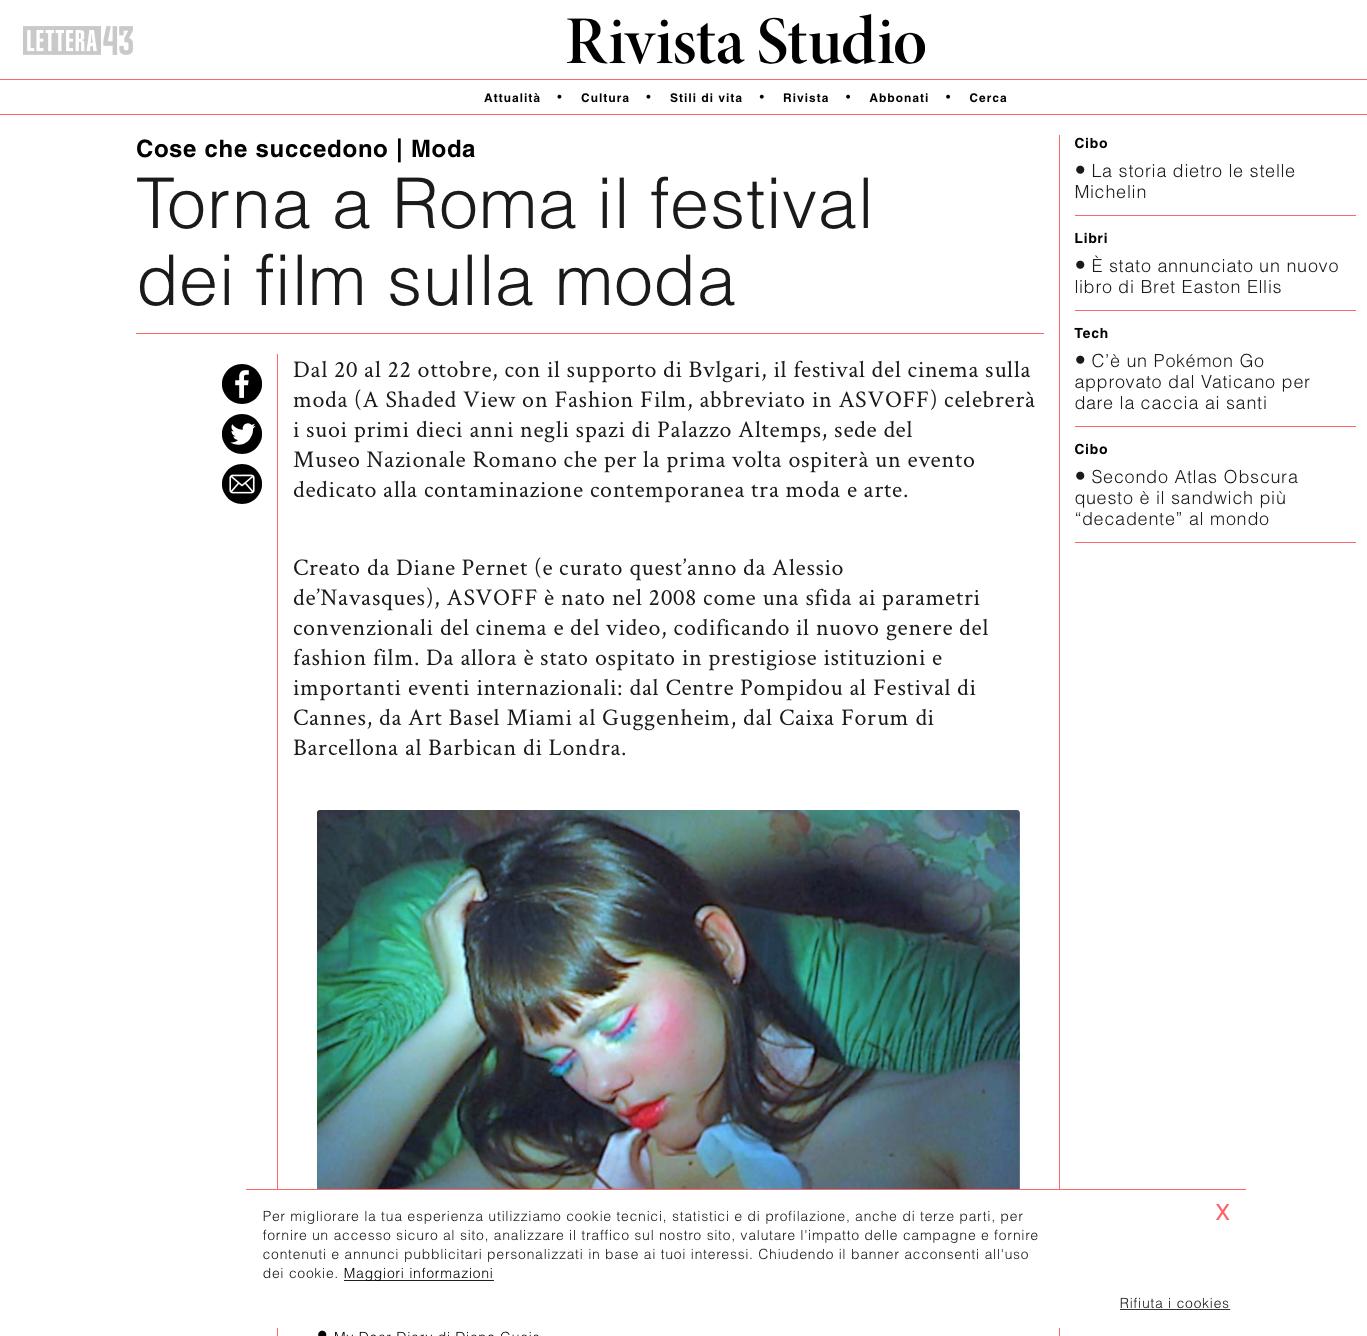 Rivista Studio